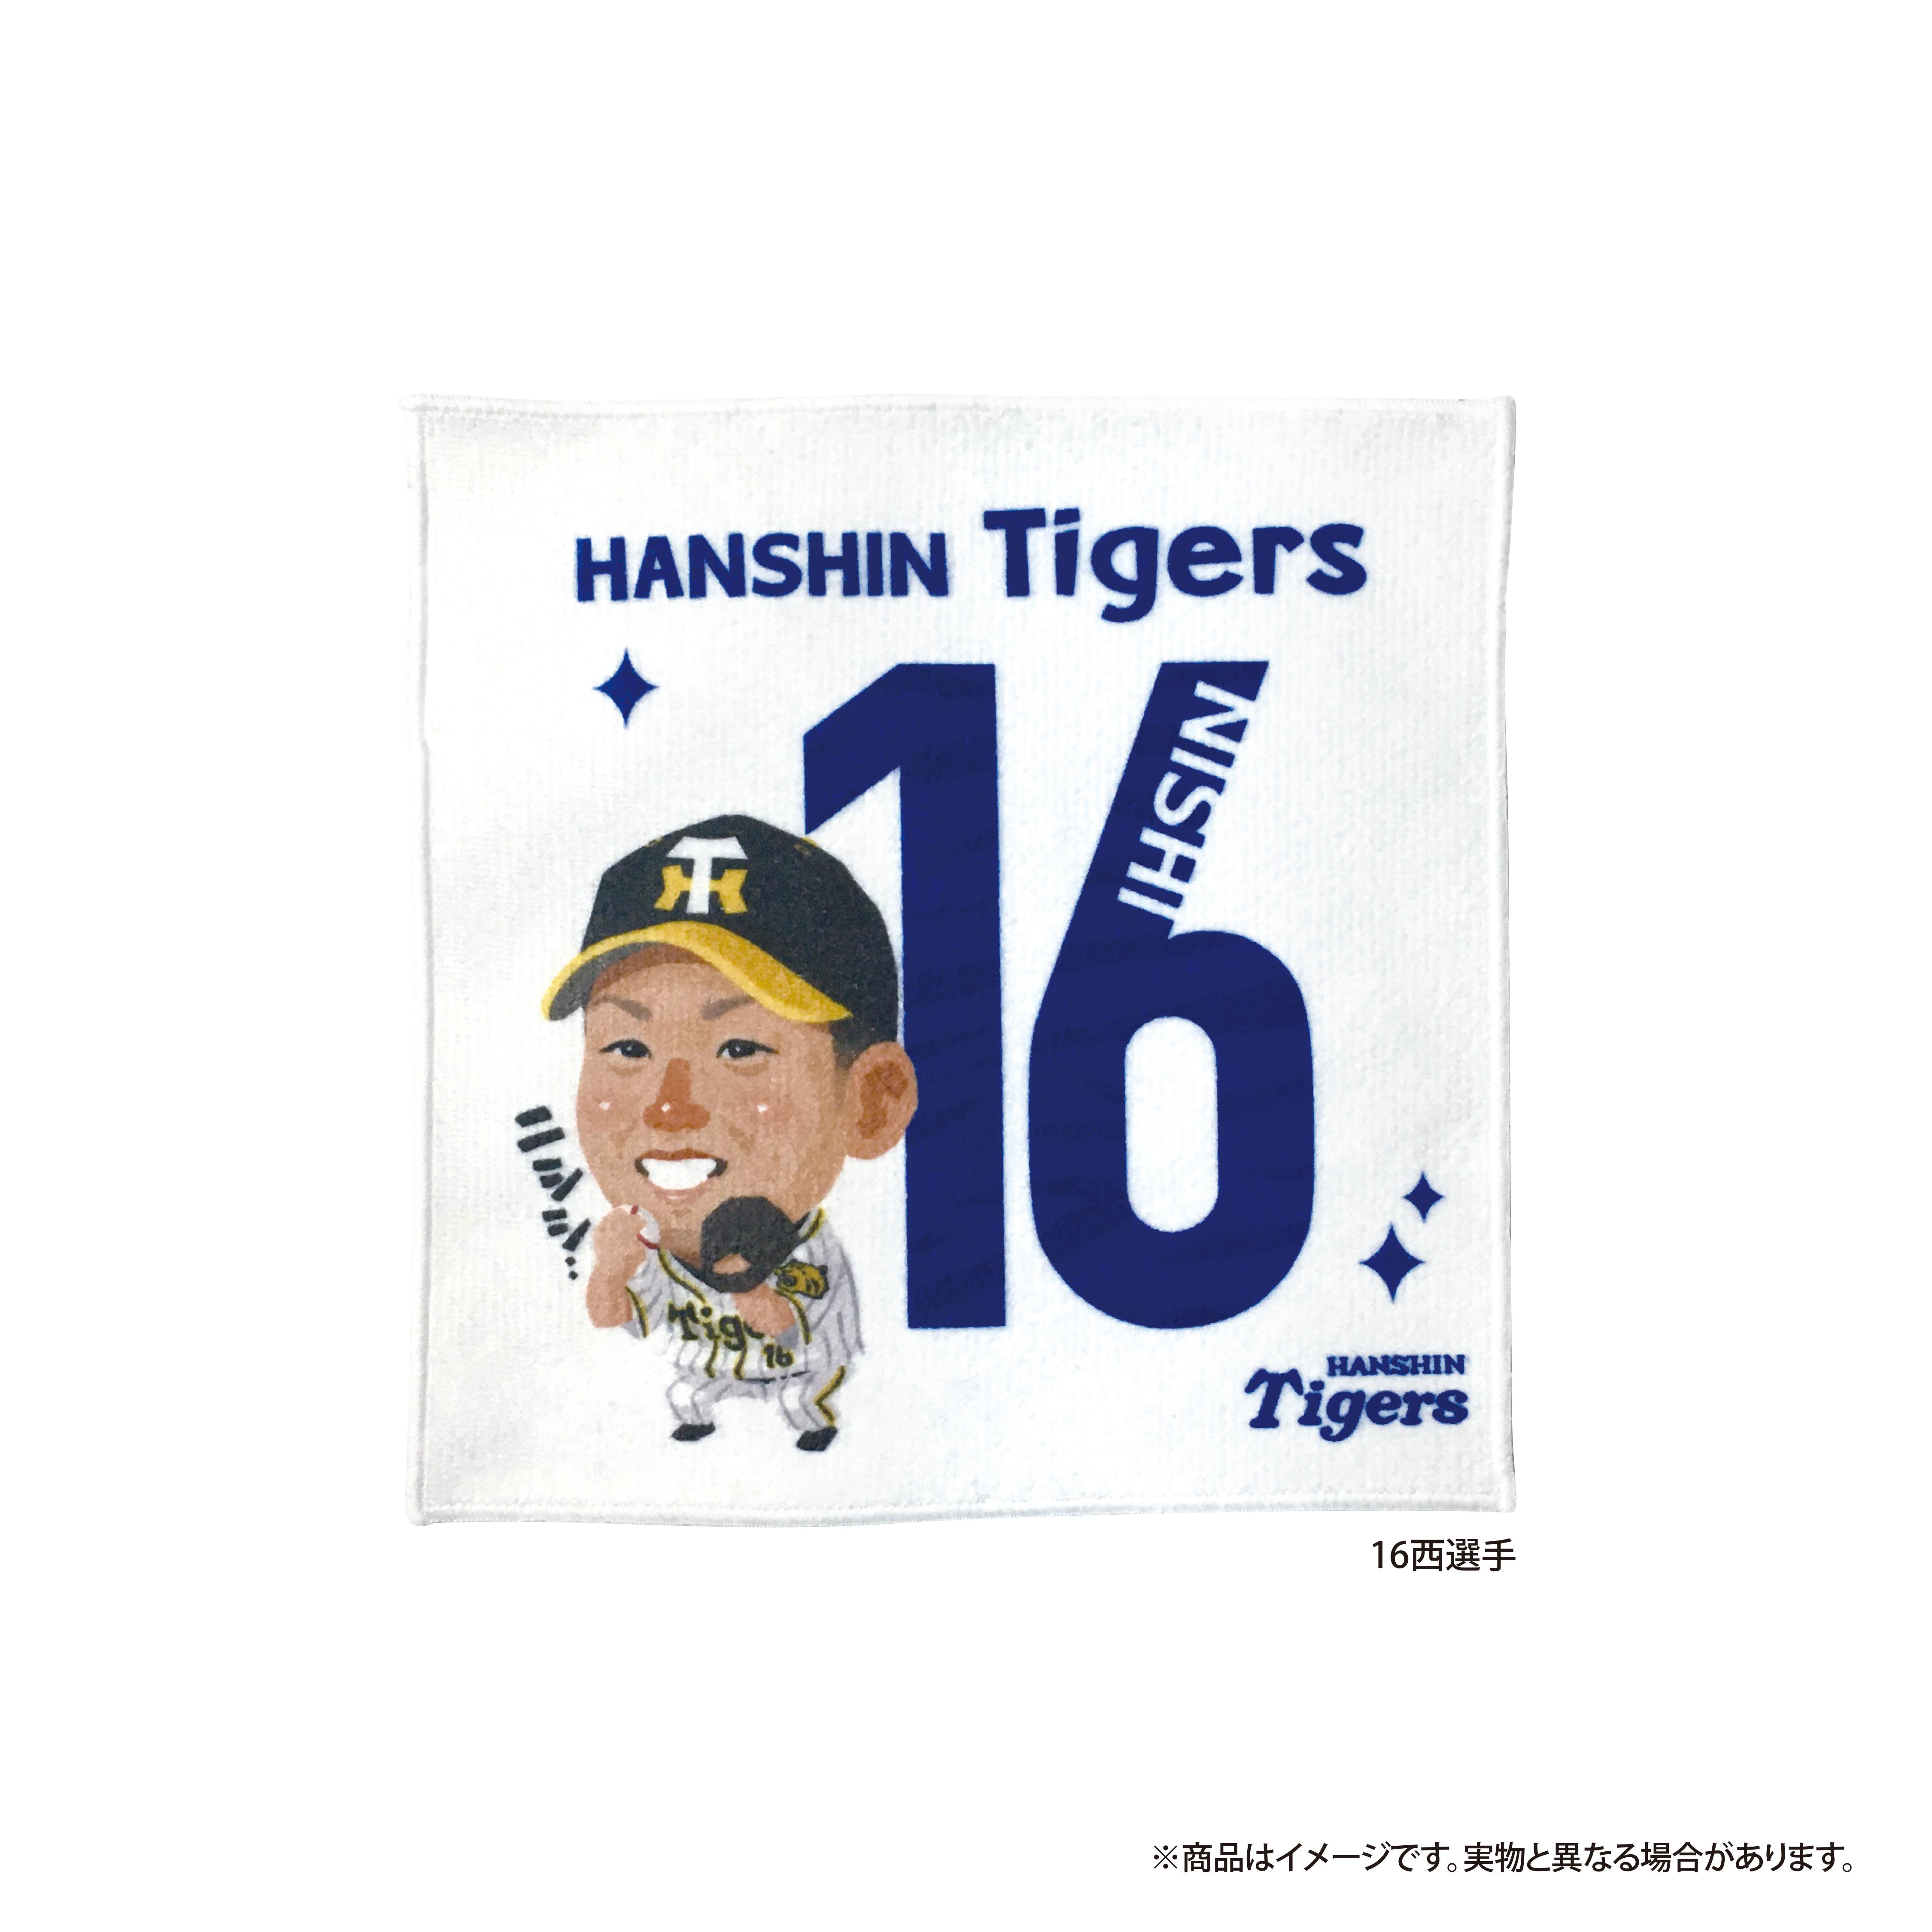 20阪神タイガース×マッカノーズ ハンドタオル